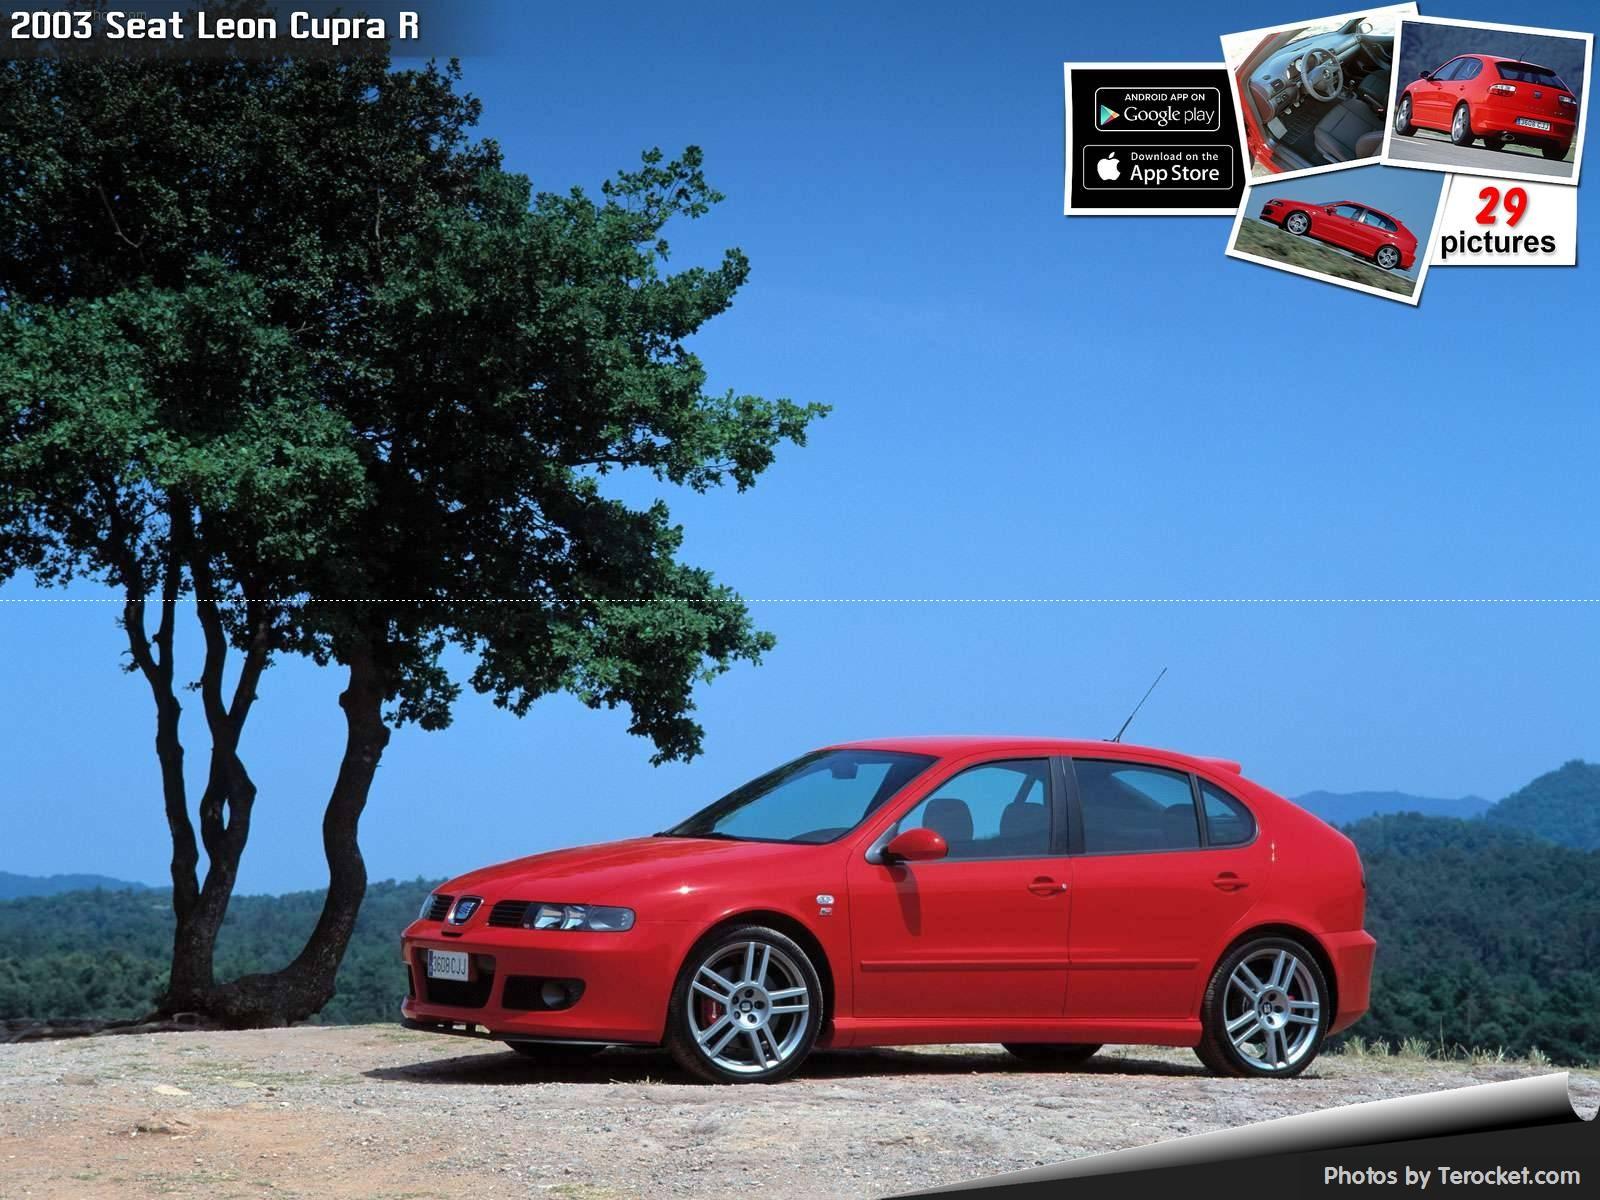 Hình ảnh xe ô tô Seat Leon Cupra R 2003 & nội ngoại thất